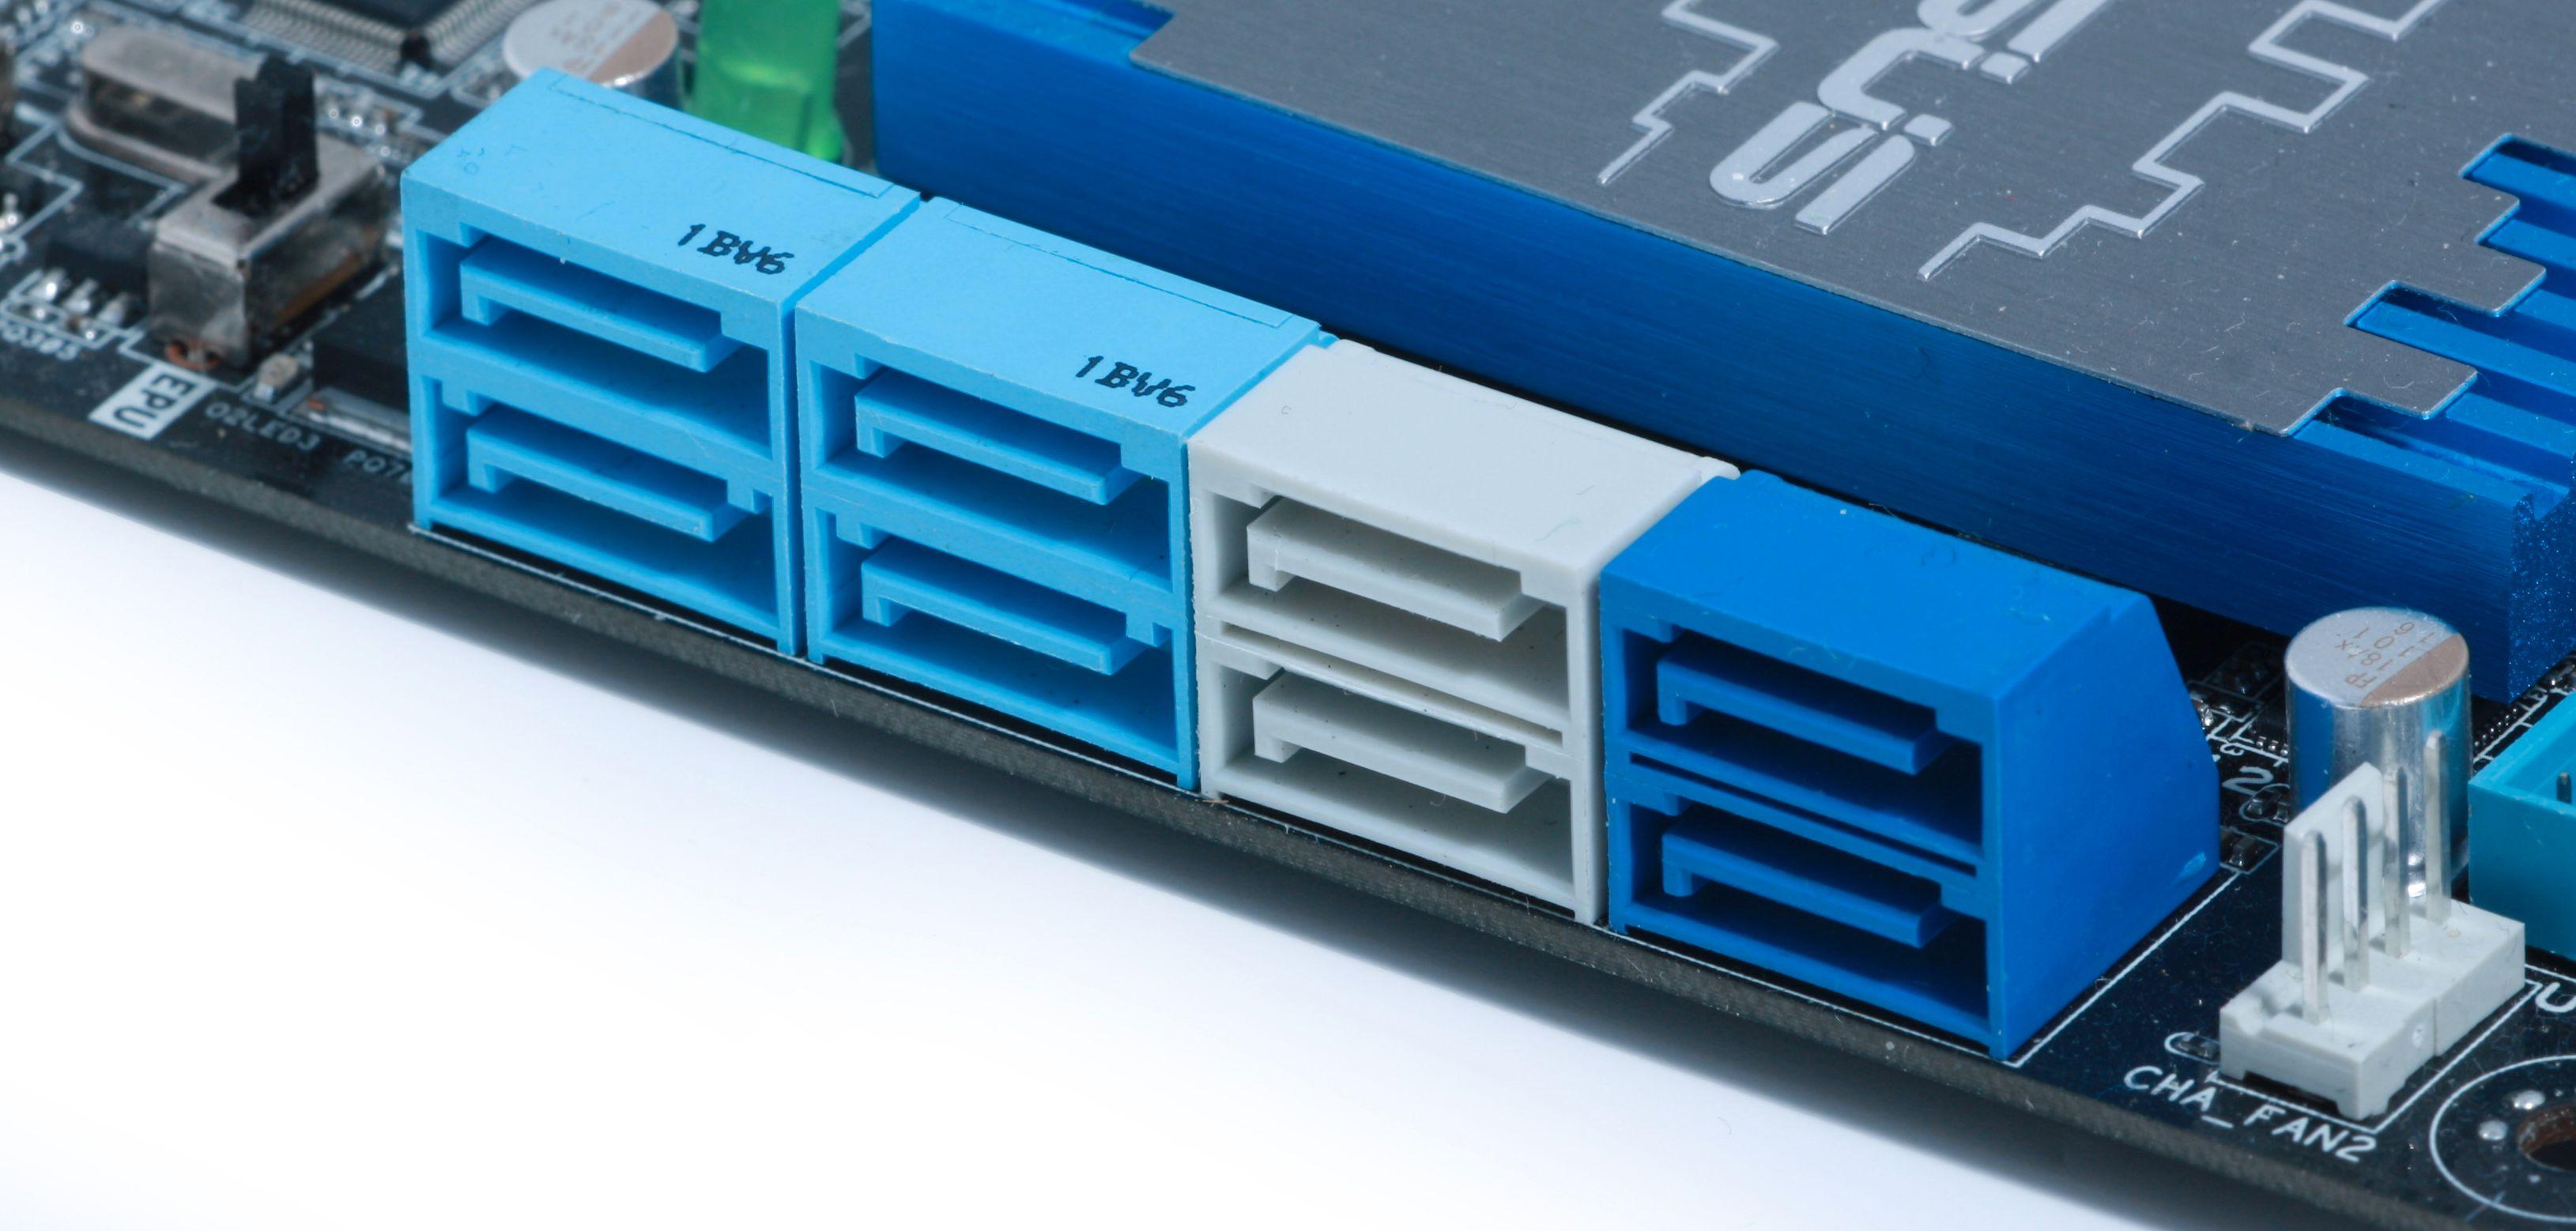 Det er ikke sikkert at alle SATA 6 Gbit/s-kontaktene på hovedkortet har like god ytelse.